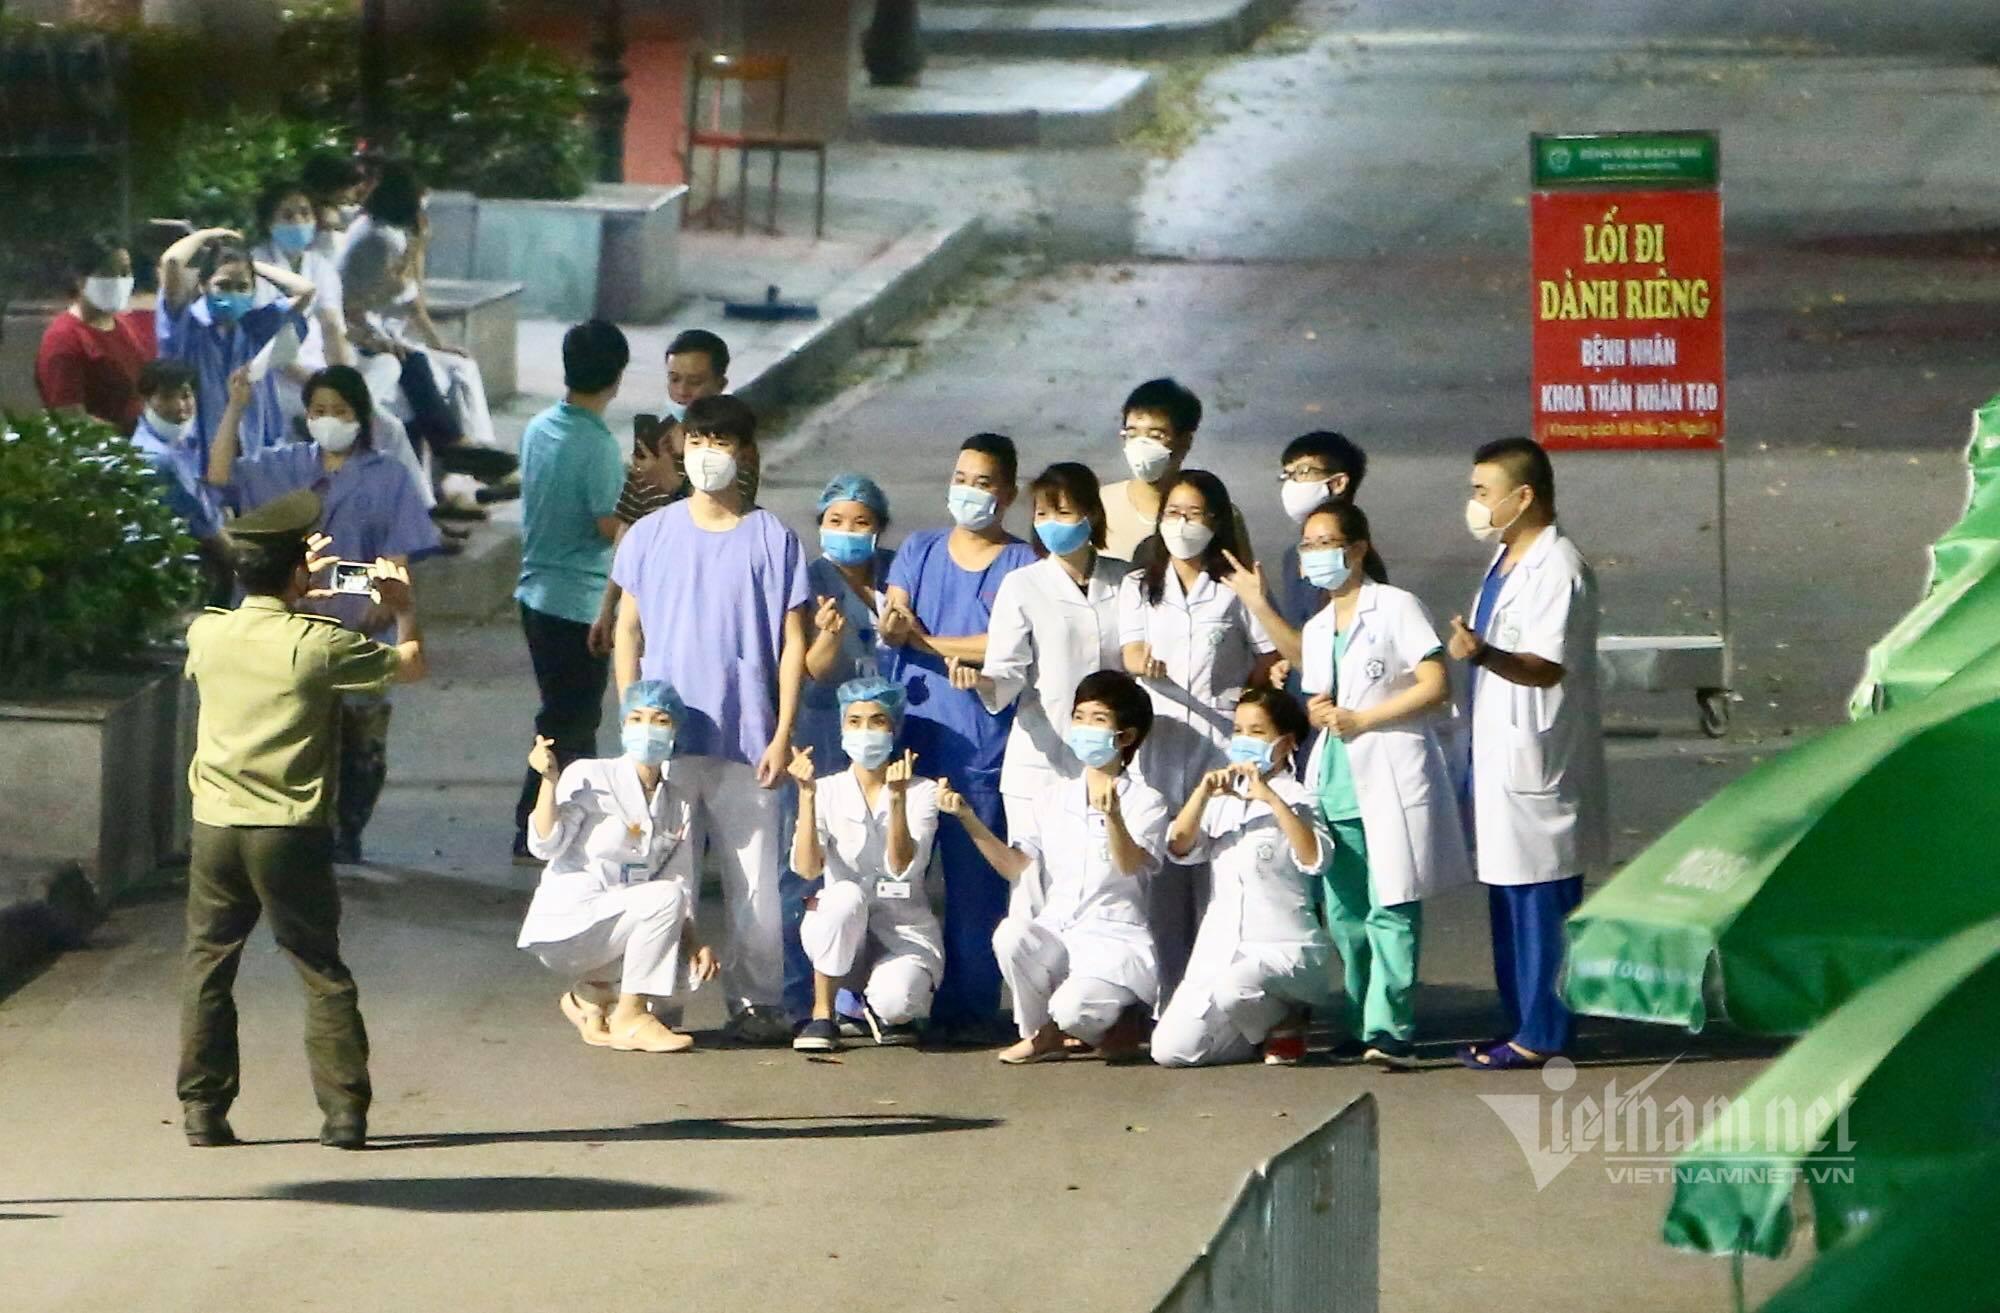 Chính thức dỡ cách ly, các bác sĩ Bệnh viện Bạch Mai òa khóc trong vui mừng-1